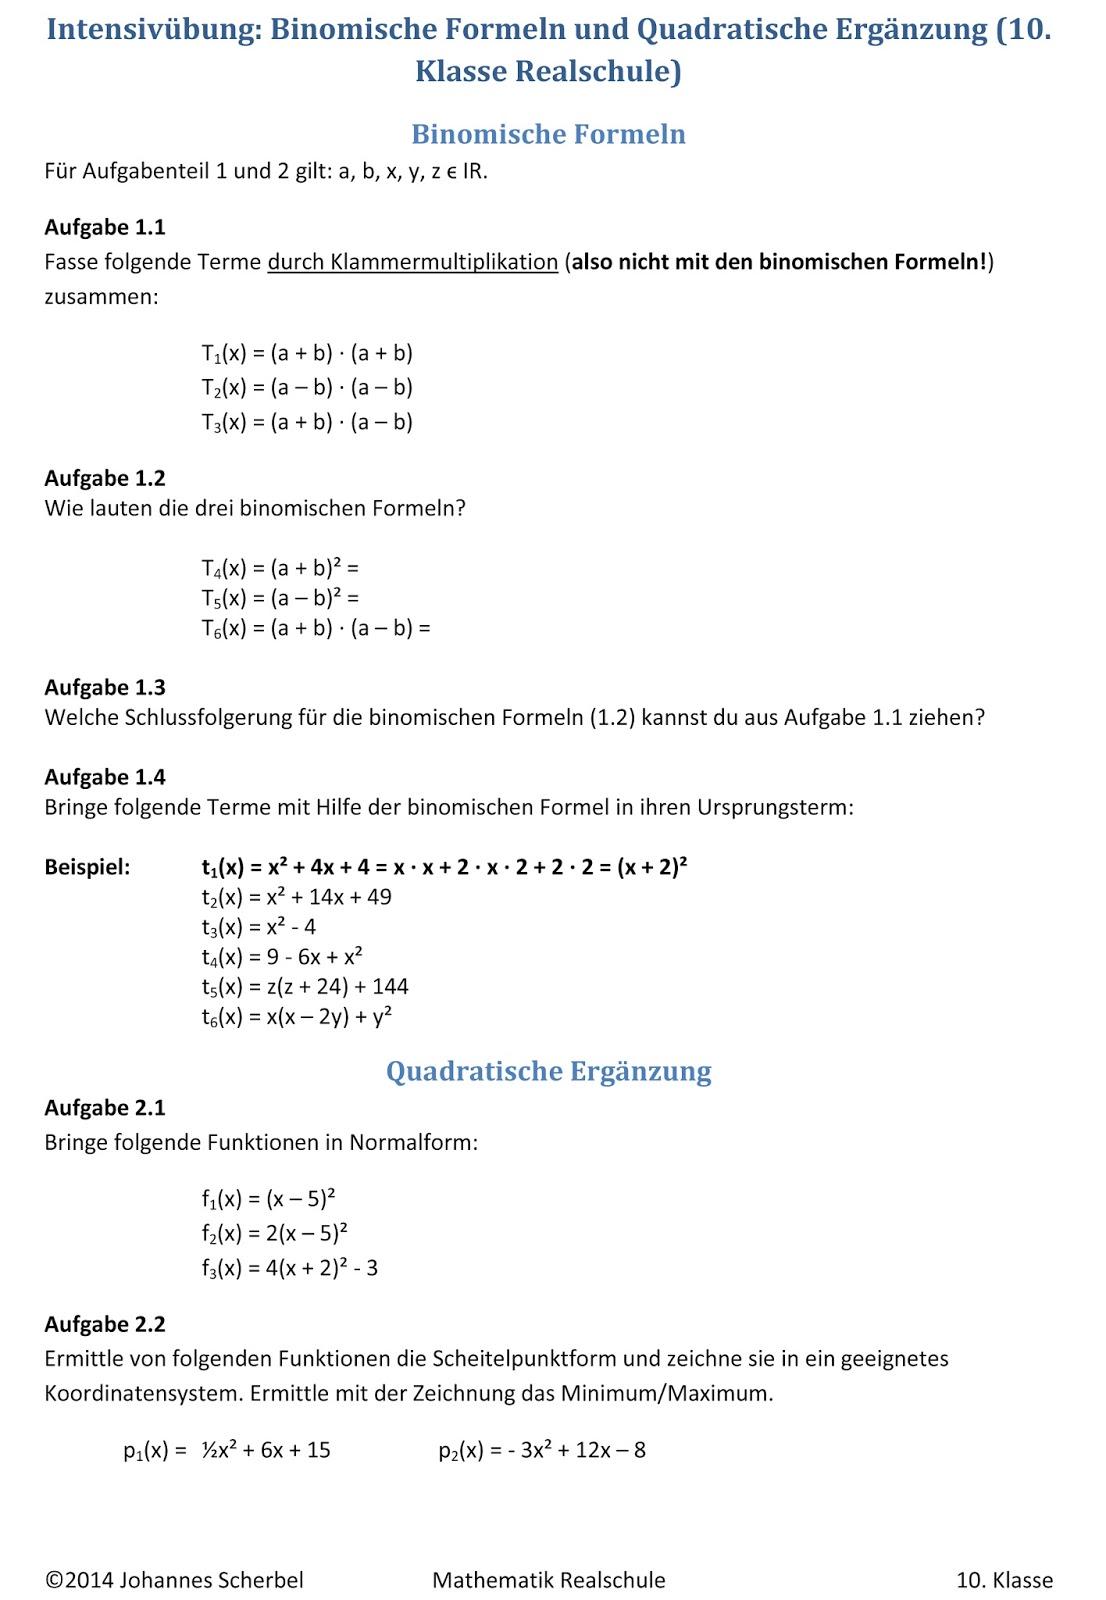 Arbeitsblatt Binomische Formeln : Übungsblätter realschule binomische formeln und